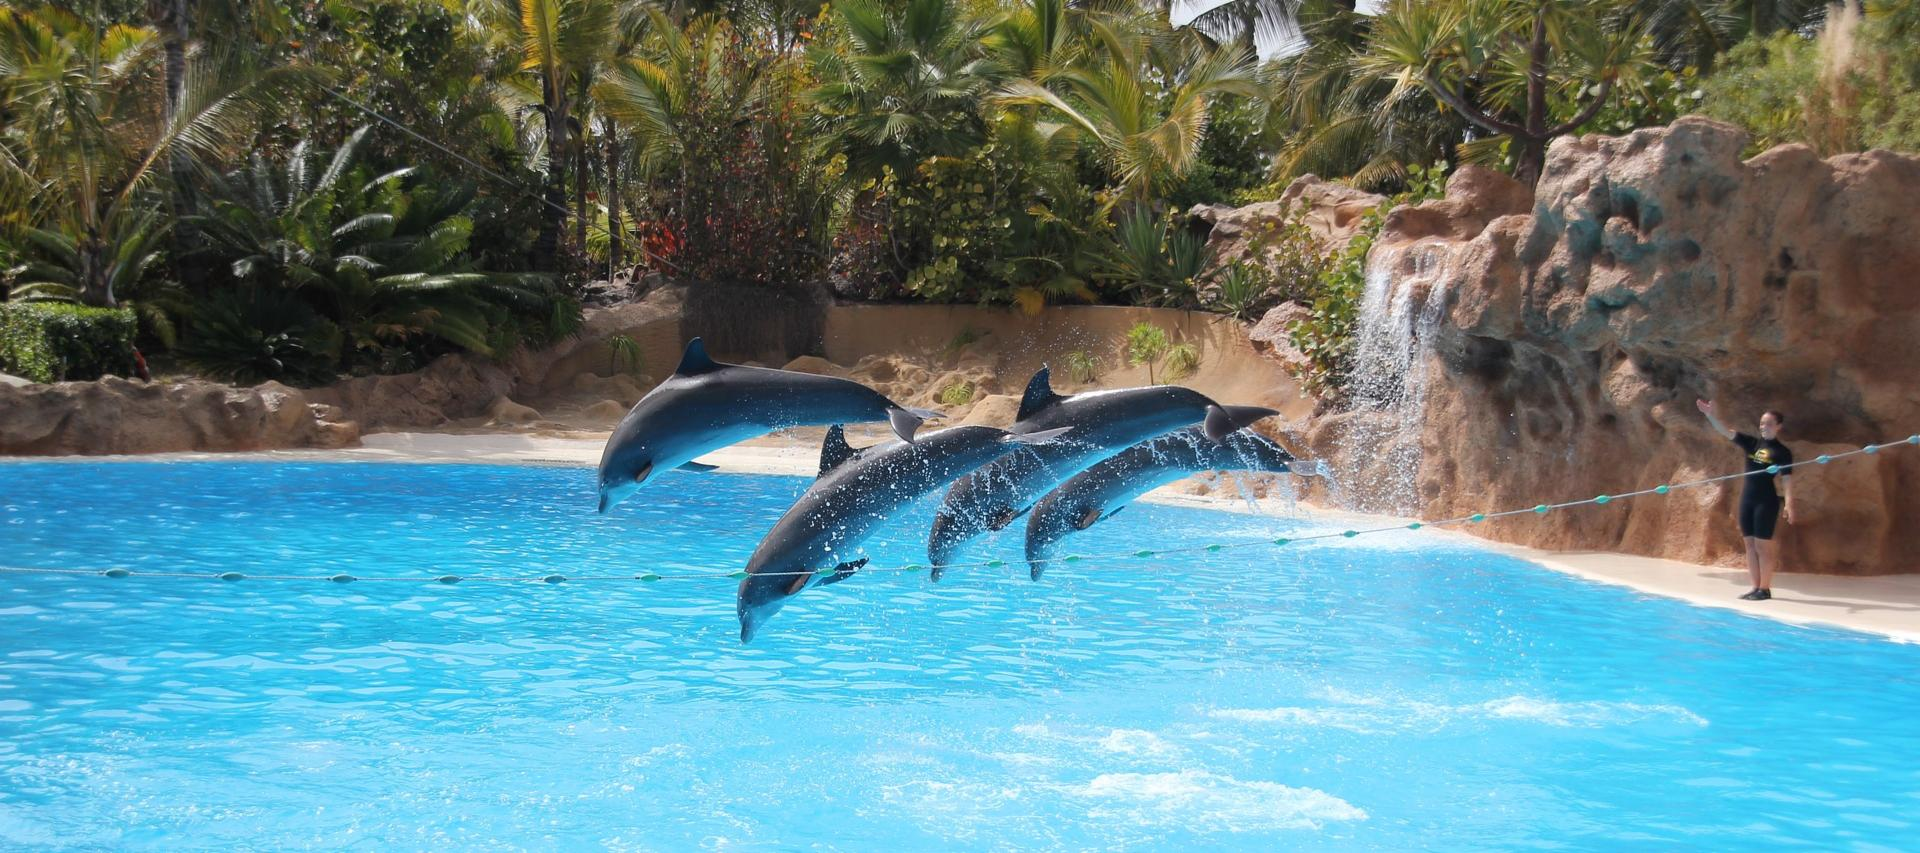 Dolphin Show in Loro Parque in Tenerife